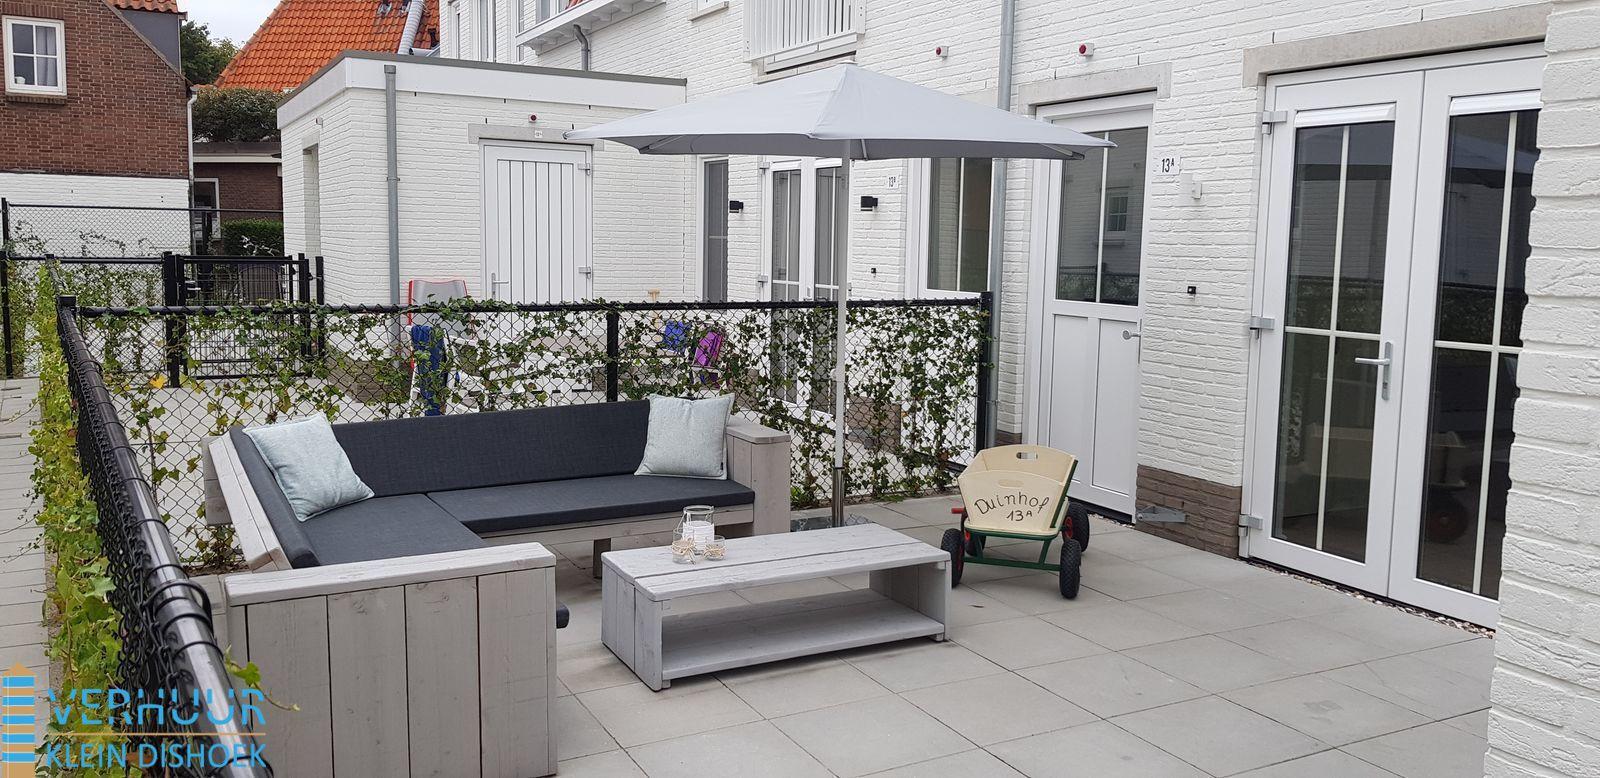 Vakantieappartement Duinhof Dishoek Luxe 4-6 personen